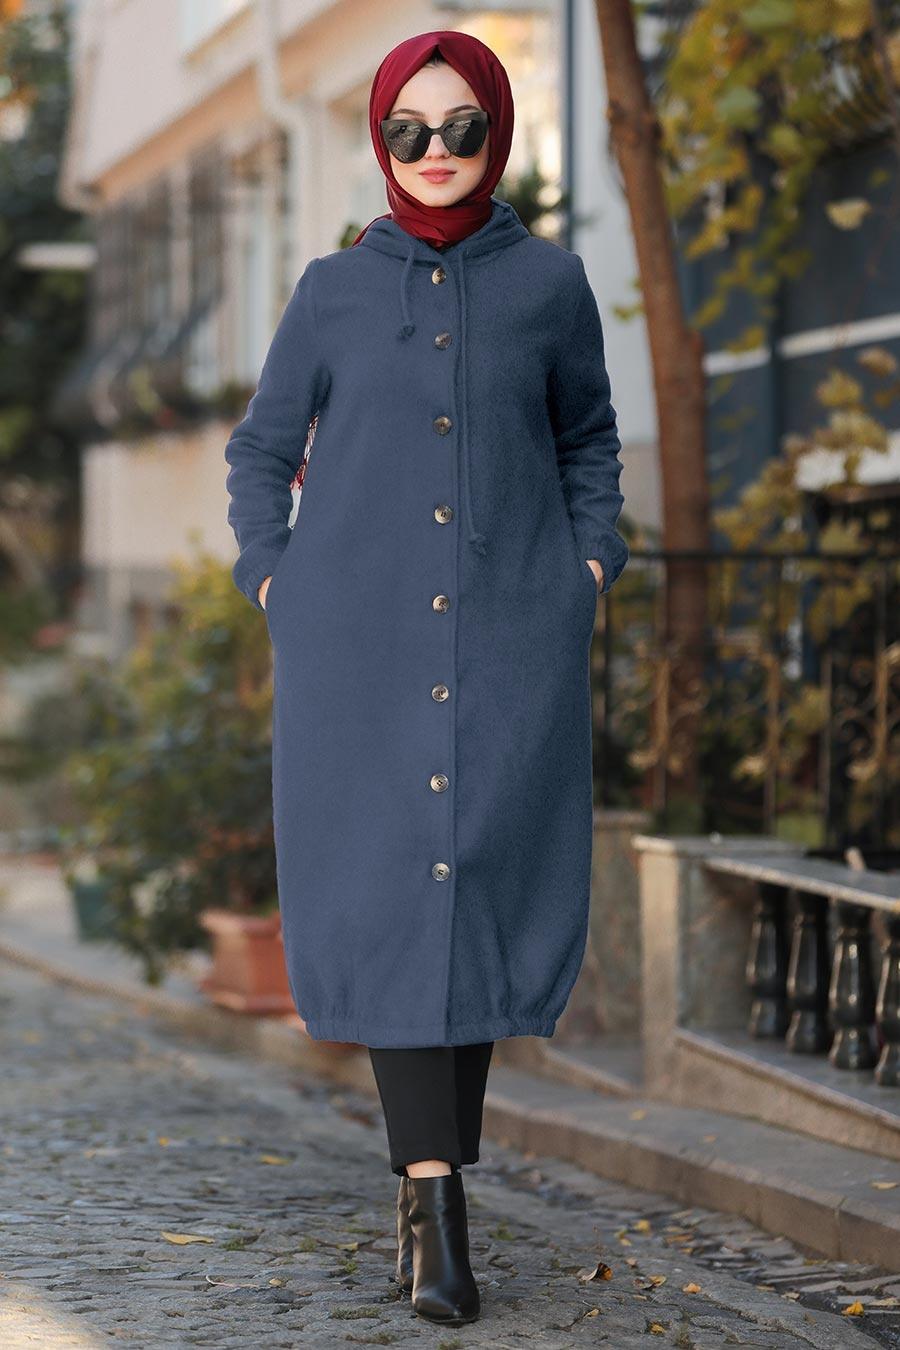 Neva Style - Kapşonlu İndigo Mavisi Tesettür Kaşe Kap 5403IM